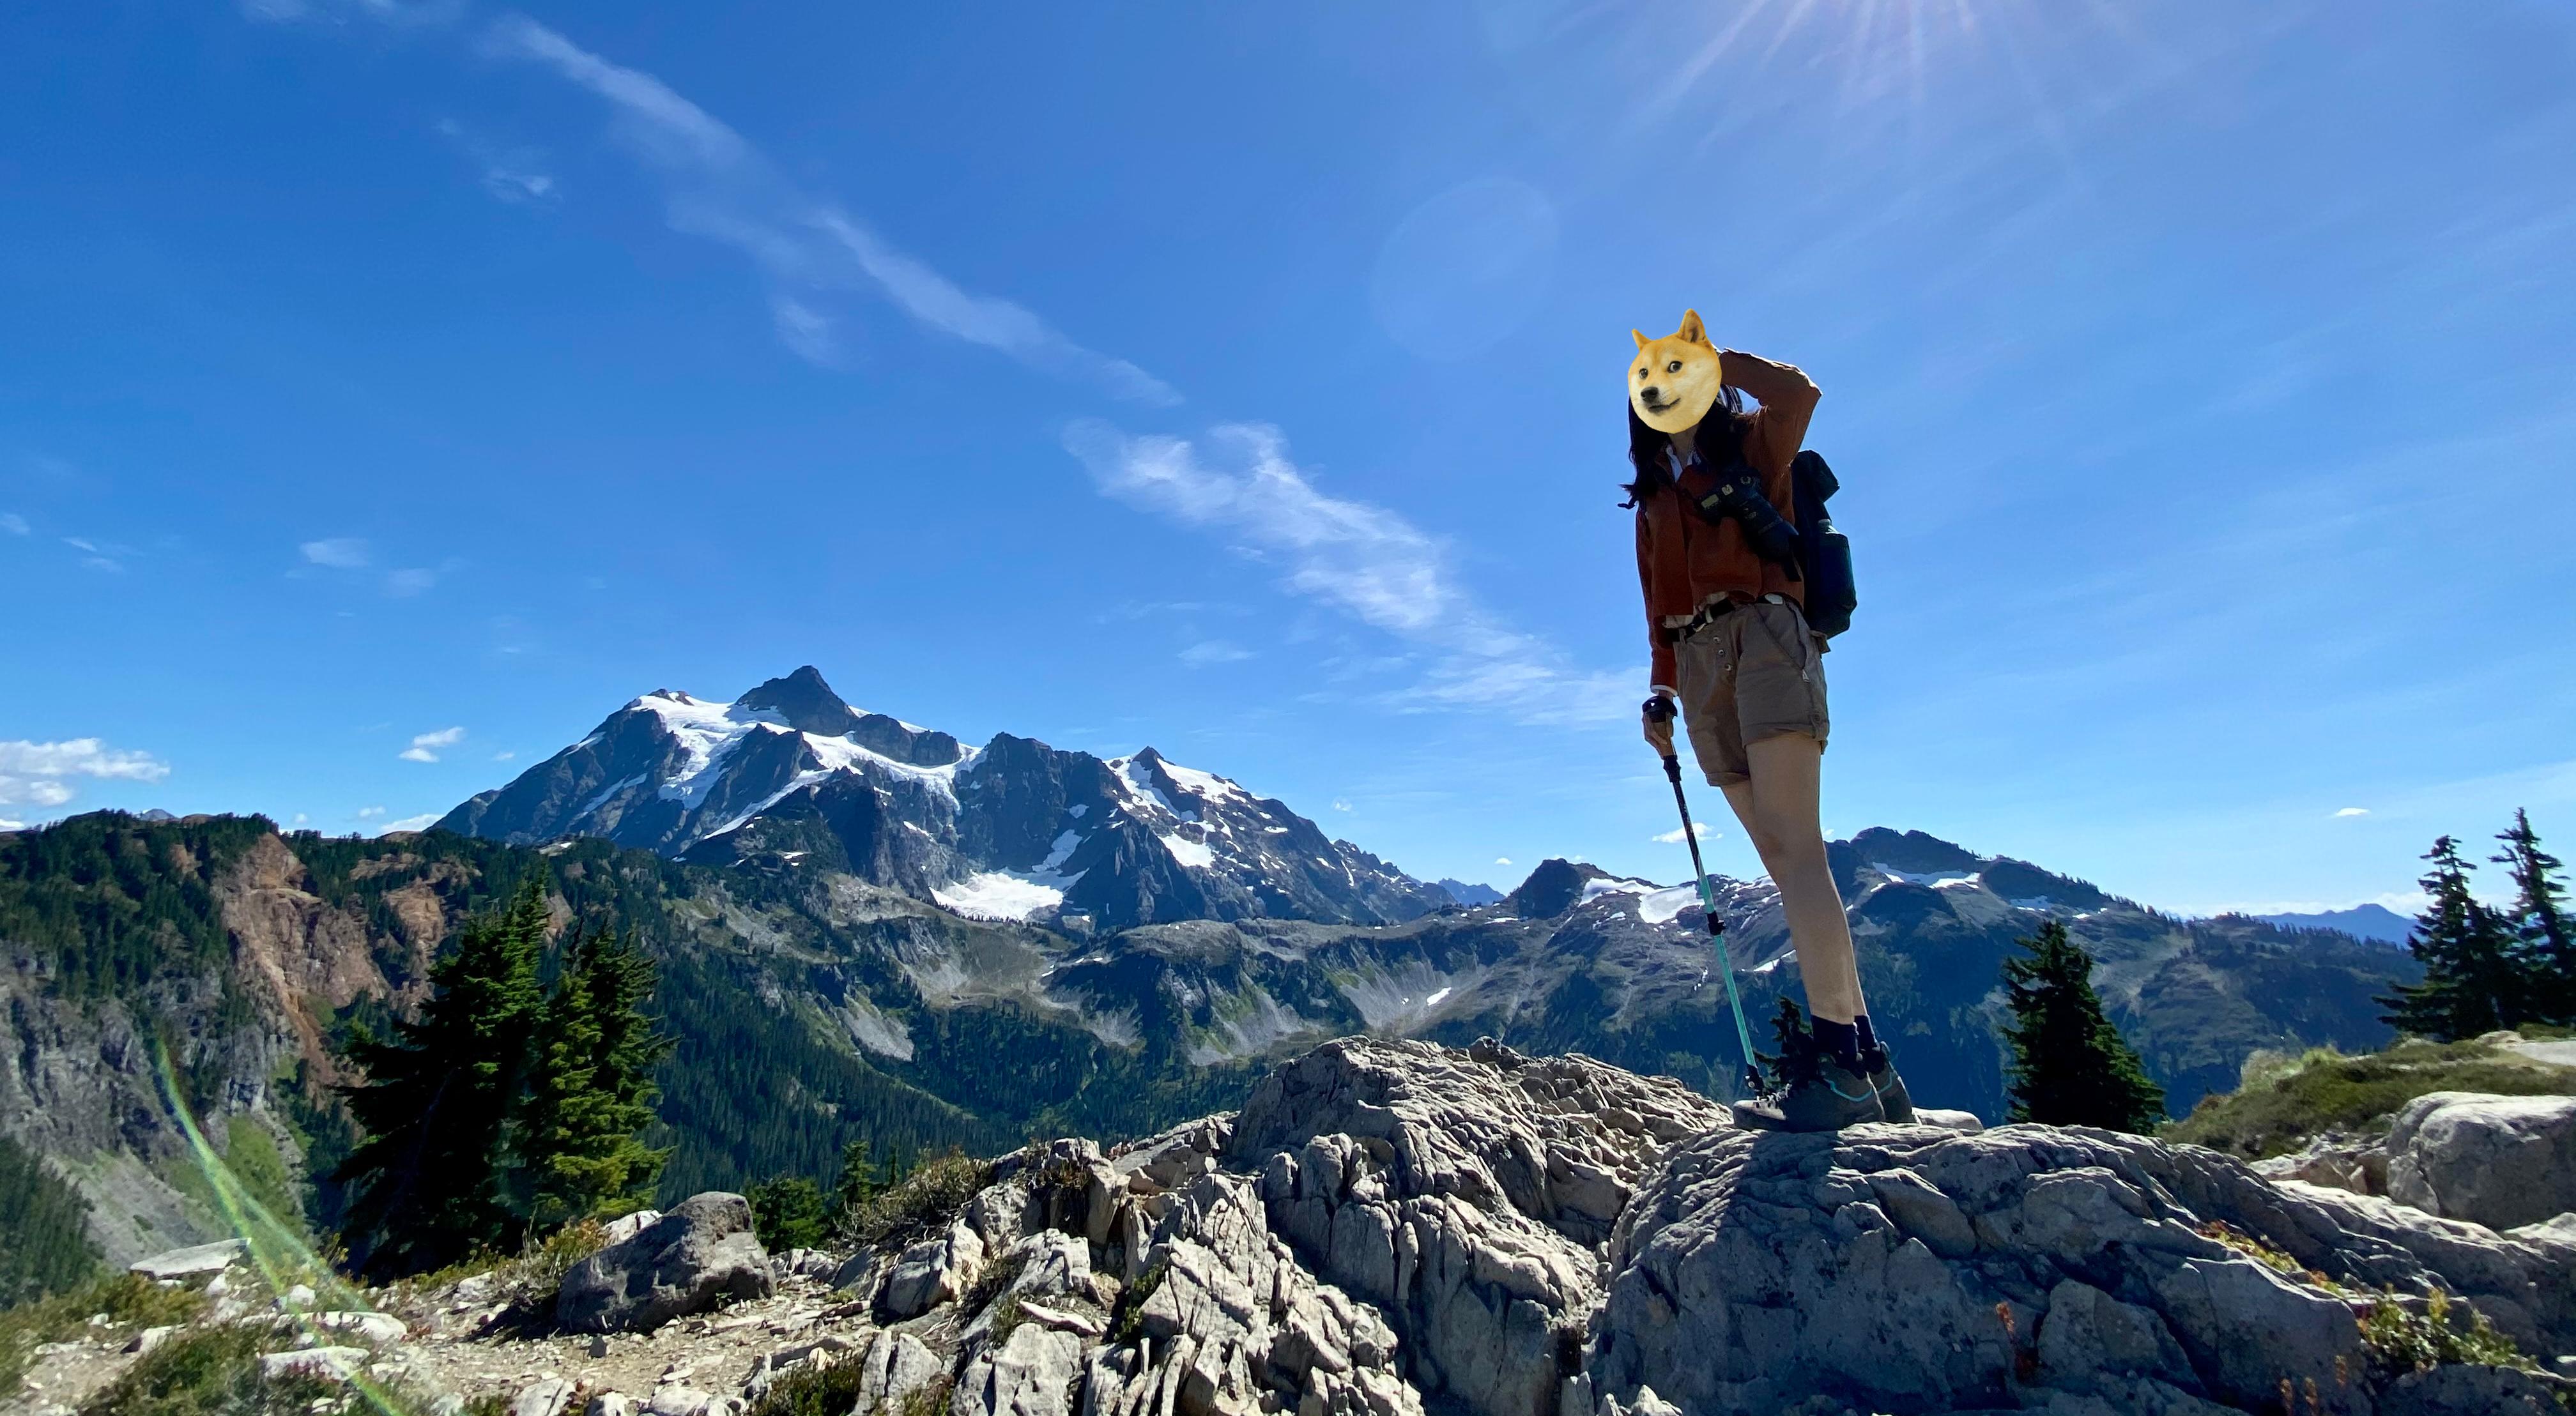 体弱摄影师也能背单反爬雪山过草地 | Hiking徒步装备分享